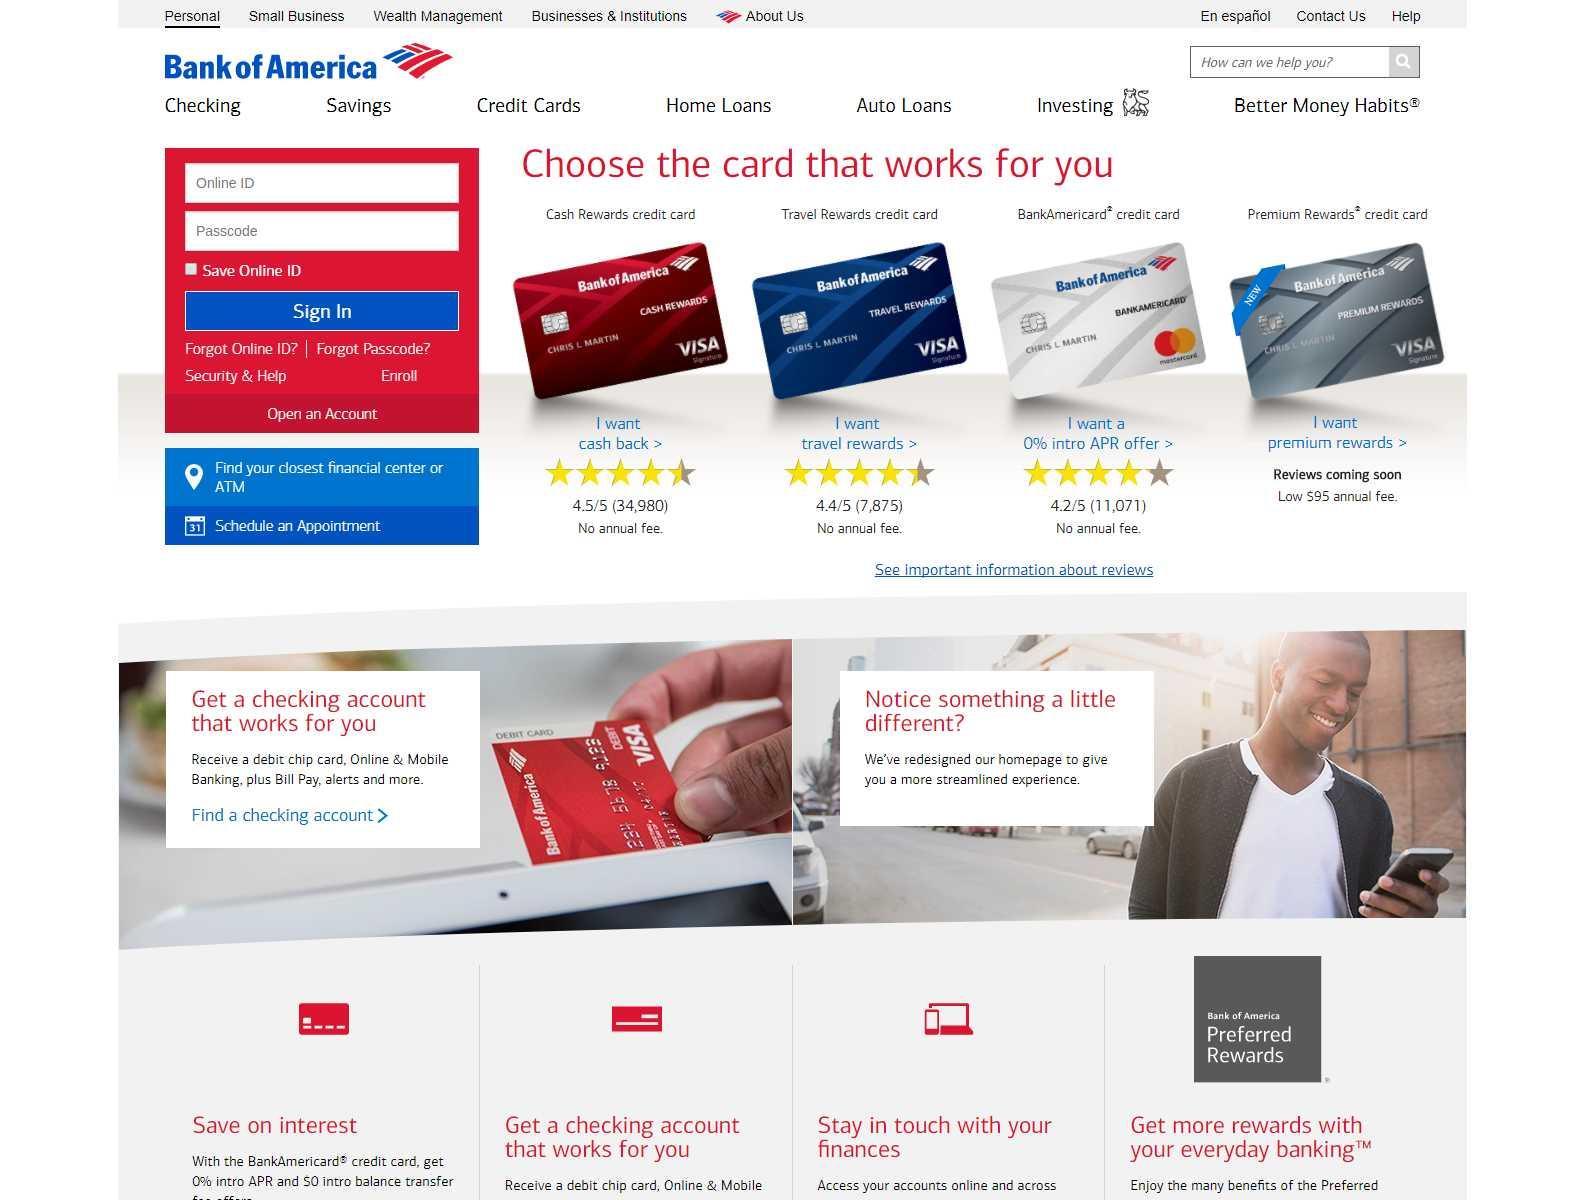 図6 Bank of Americaのフィッシングページをホスティングしているドメイン